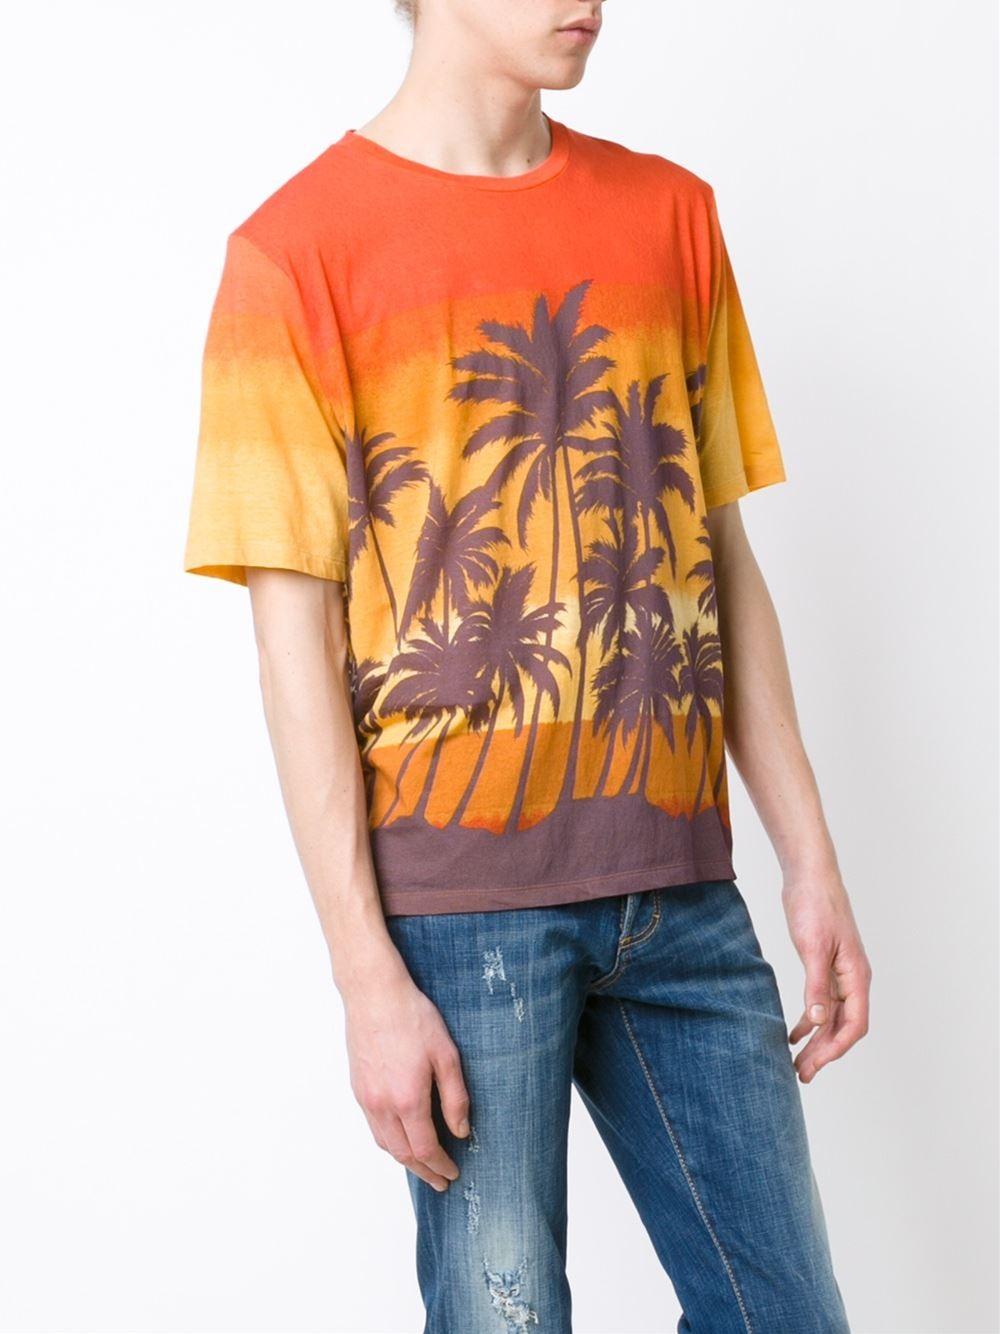 Saint laurent palm tree print t shirt for men lyst for Saint laurent t shirt